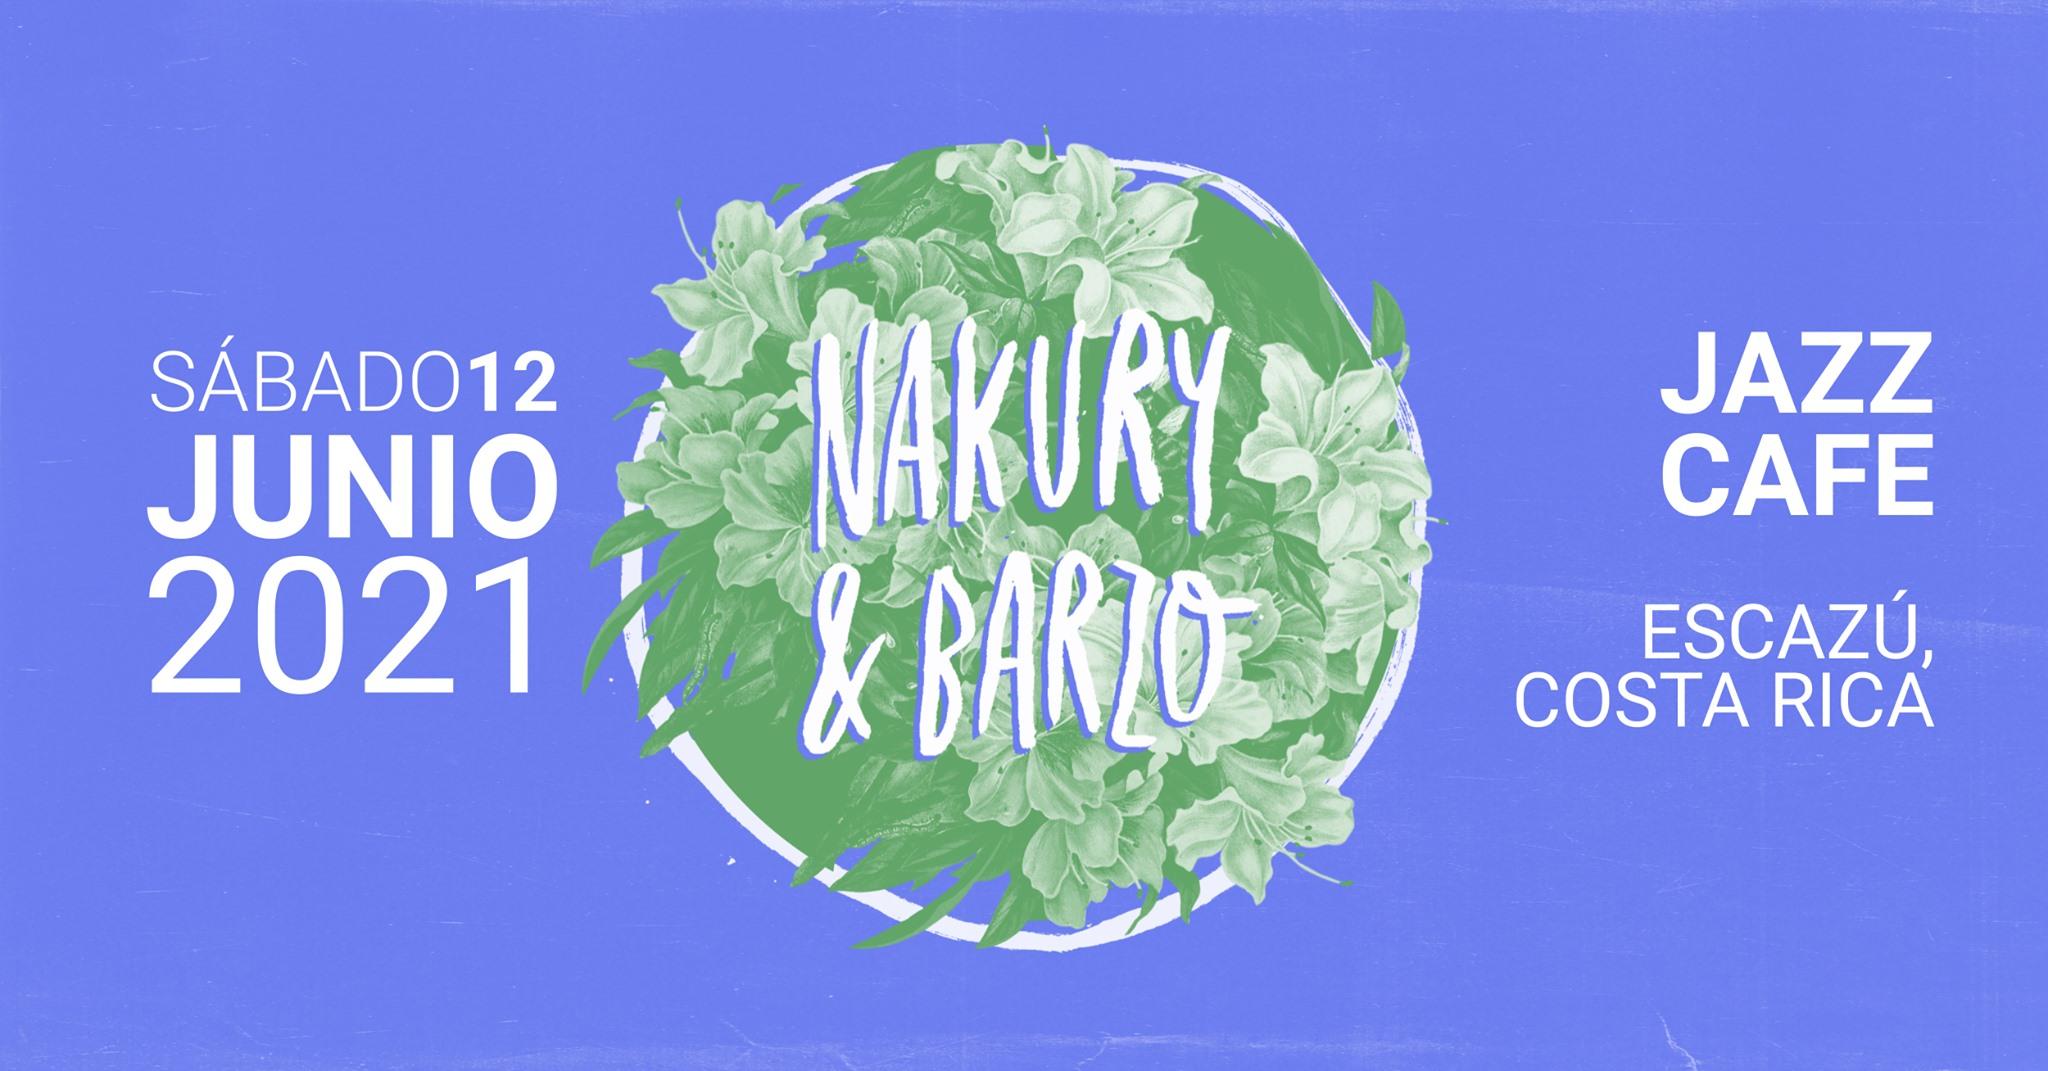 Nakury & Barzo en Jazz Café